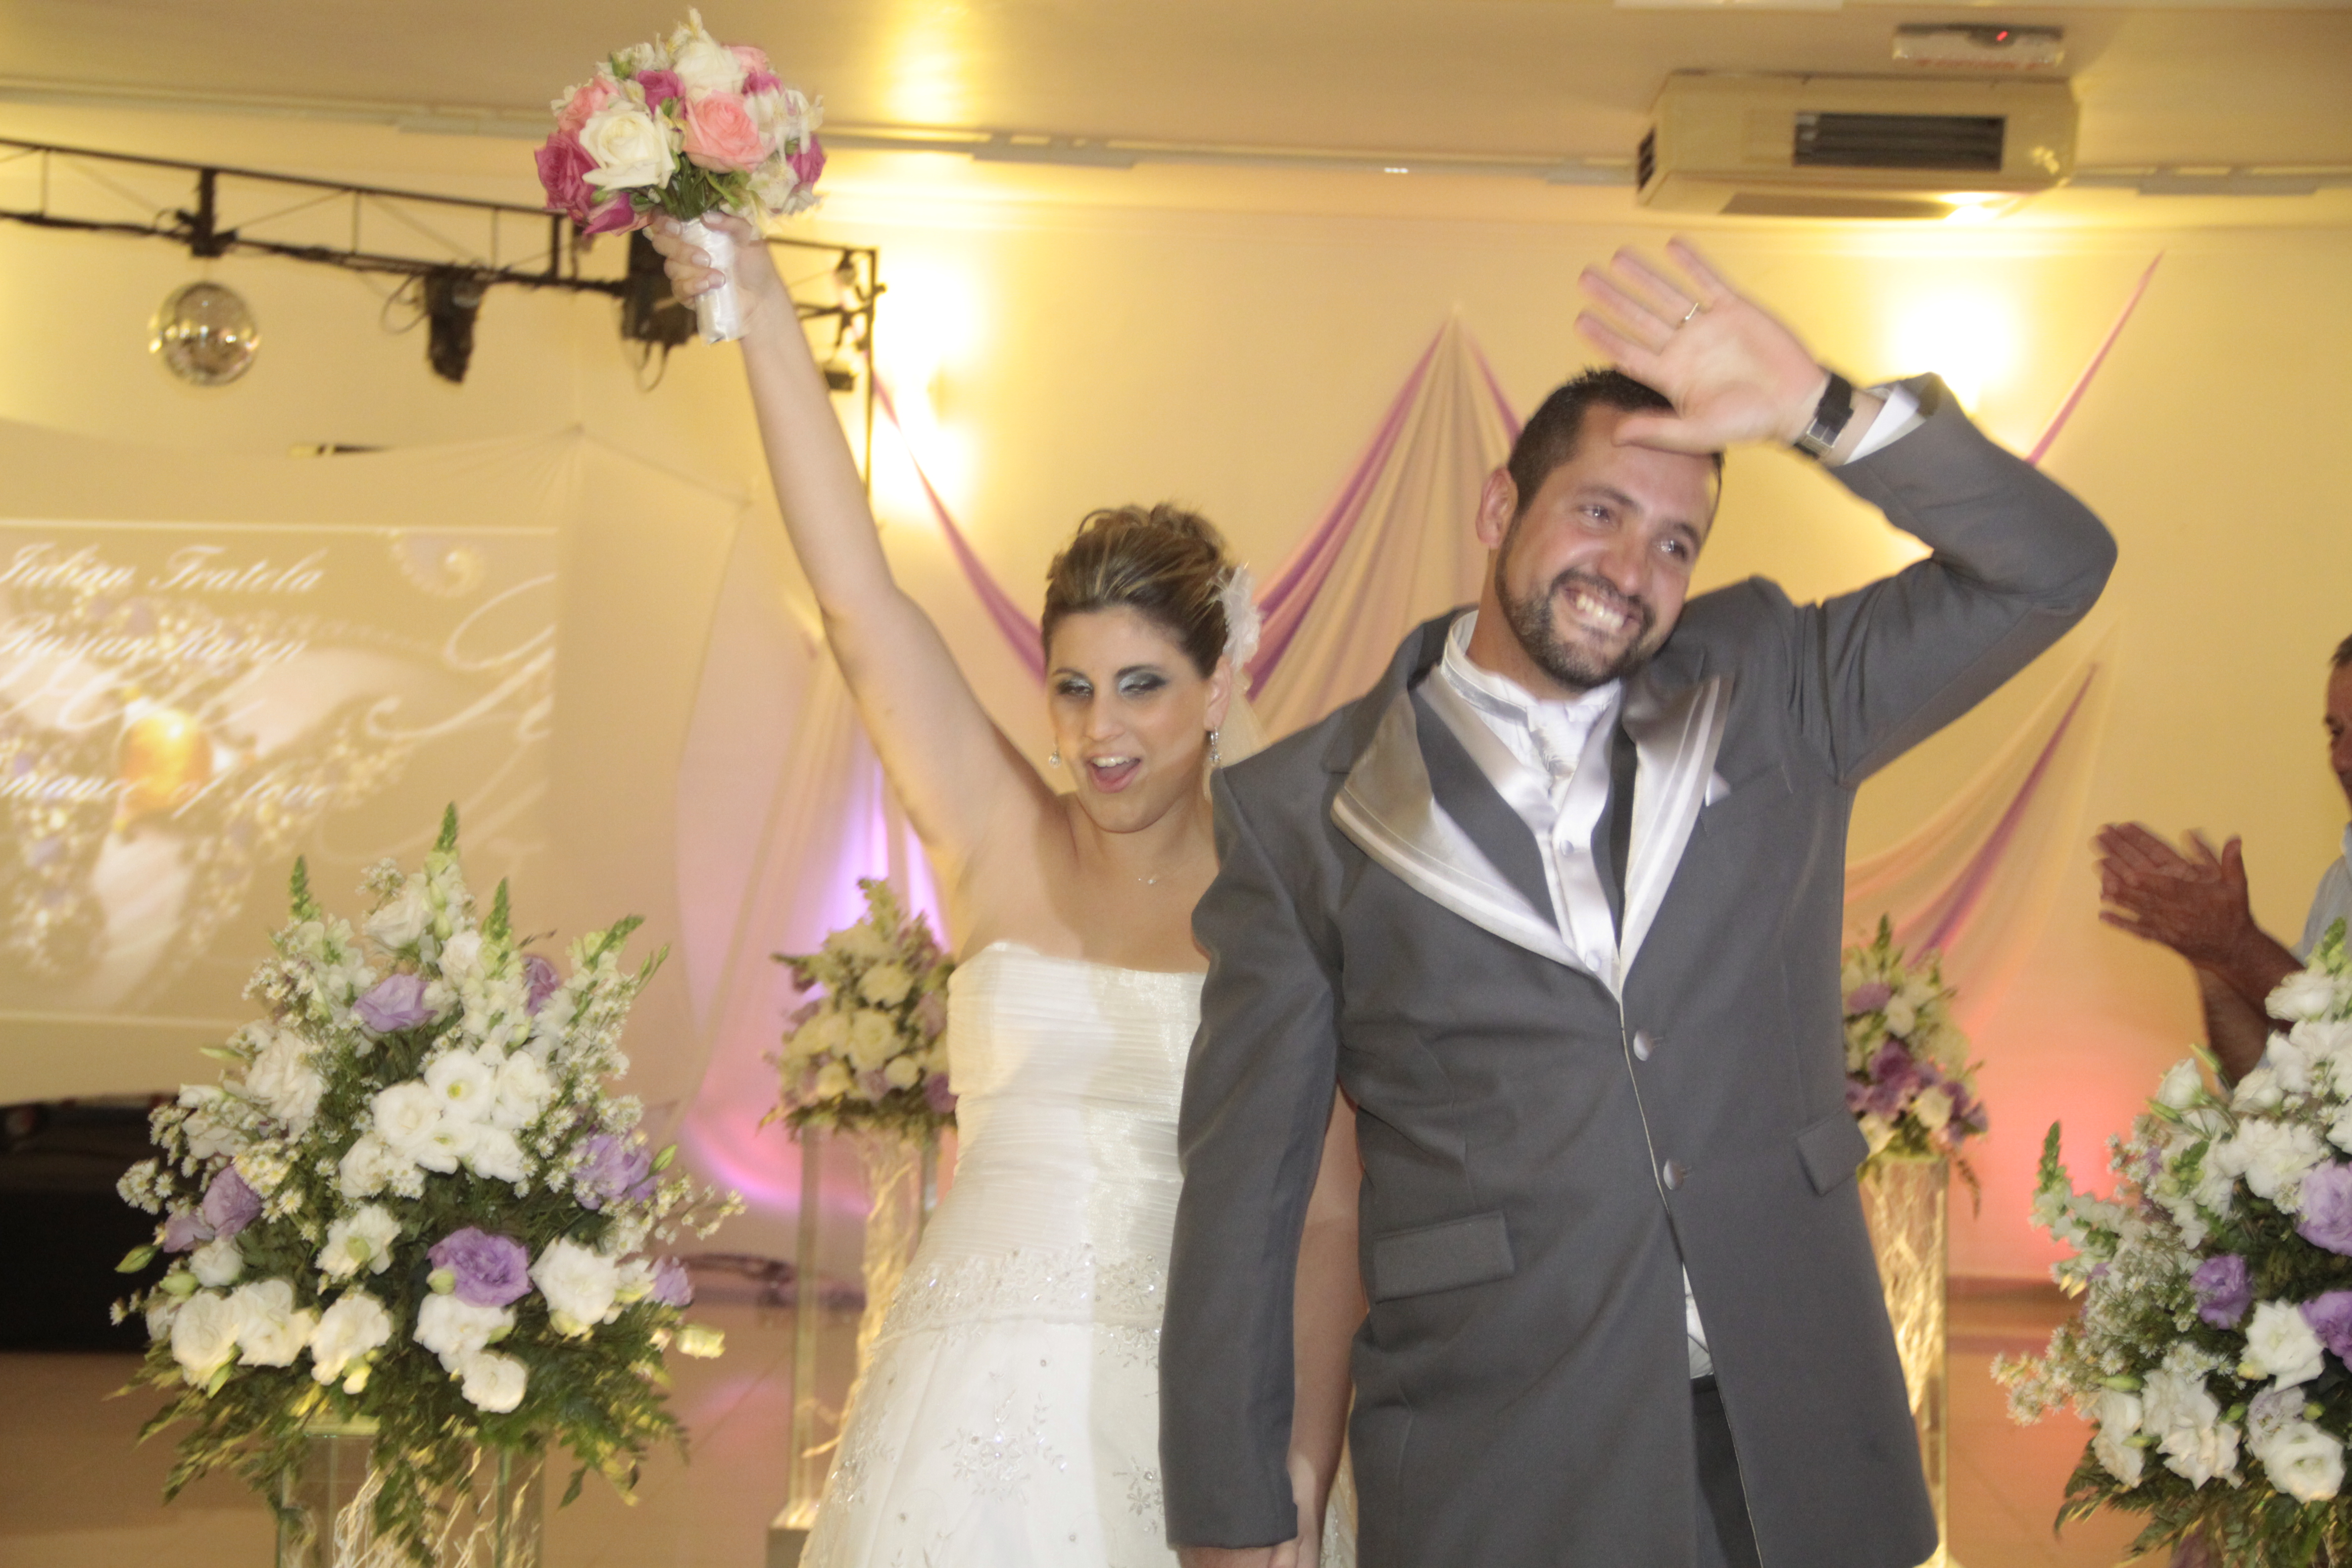 ... melhor essa festa linda de casamento! De uma olhadinha nas fotos desses  pombinhos apaixonados… Sem falar que agora virá a Lua de mel! 7251d040f4